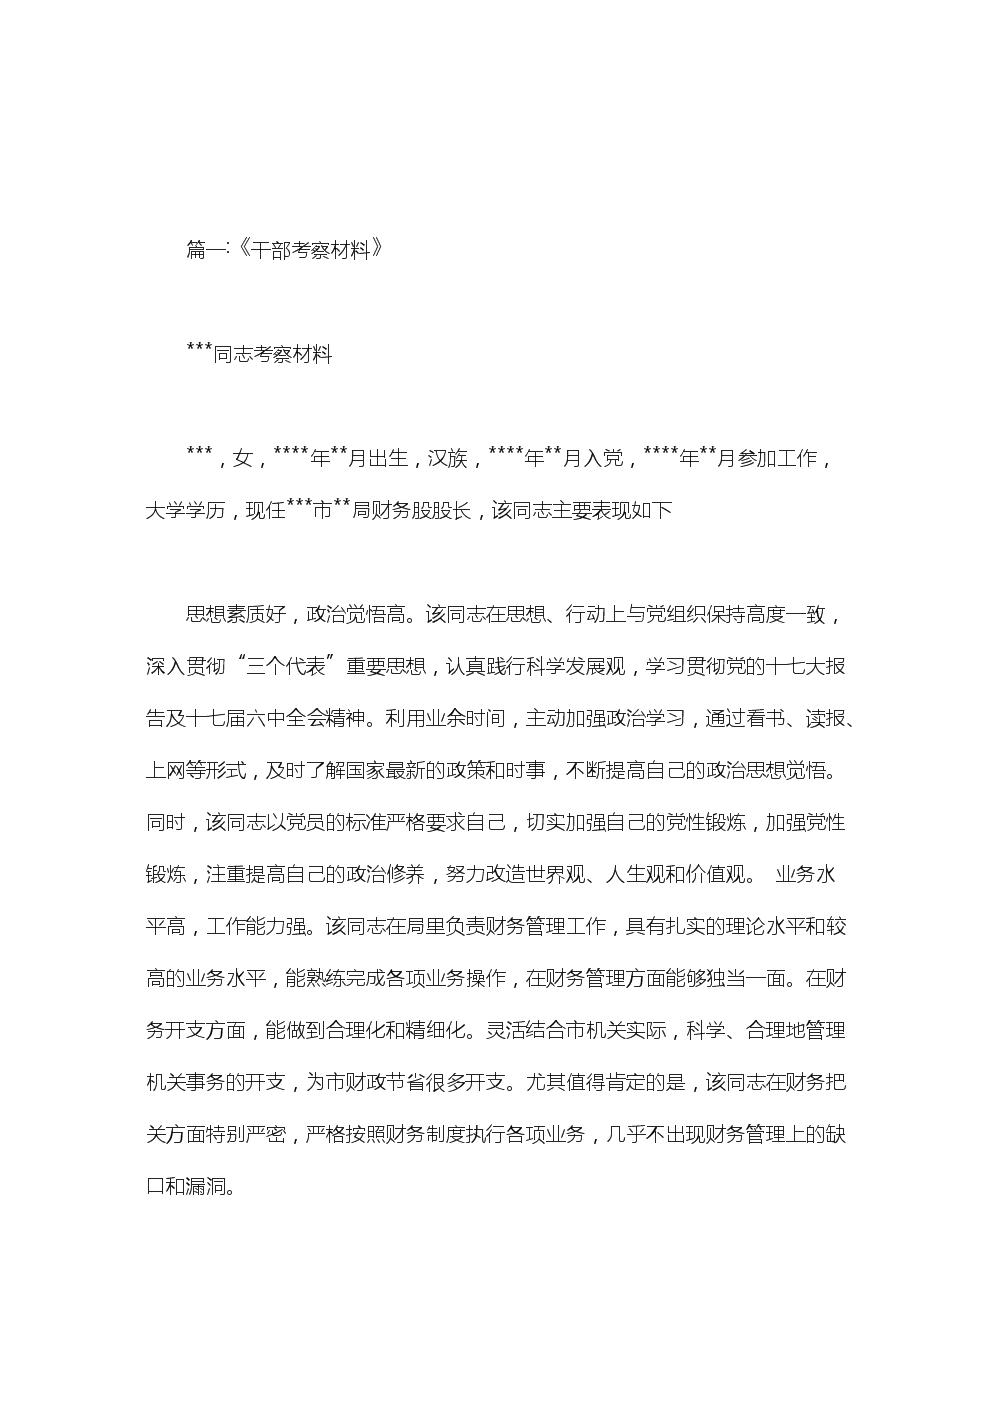 最新考察材料范文.doc